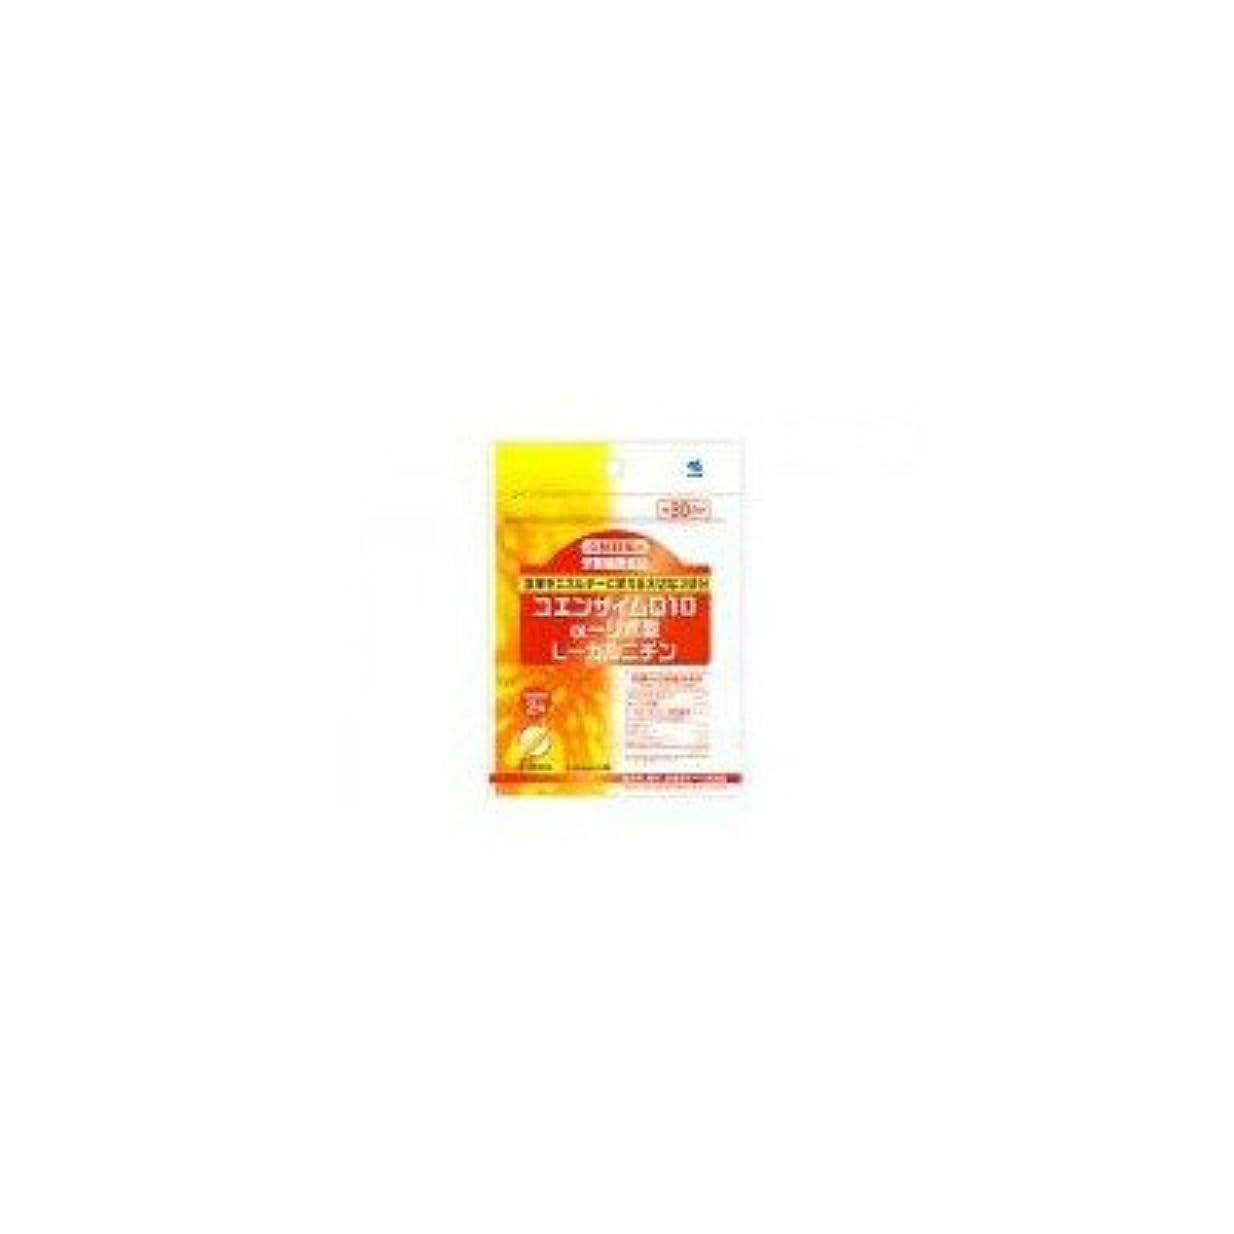 進化する溶けたランプ小林製薬の栄養補助食品 コエンザイムQ10+αリポ酸+Lカルニチン(60粒 約30日分) 4セット